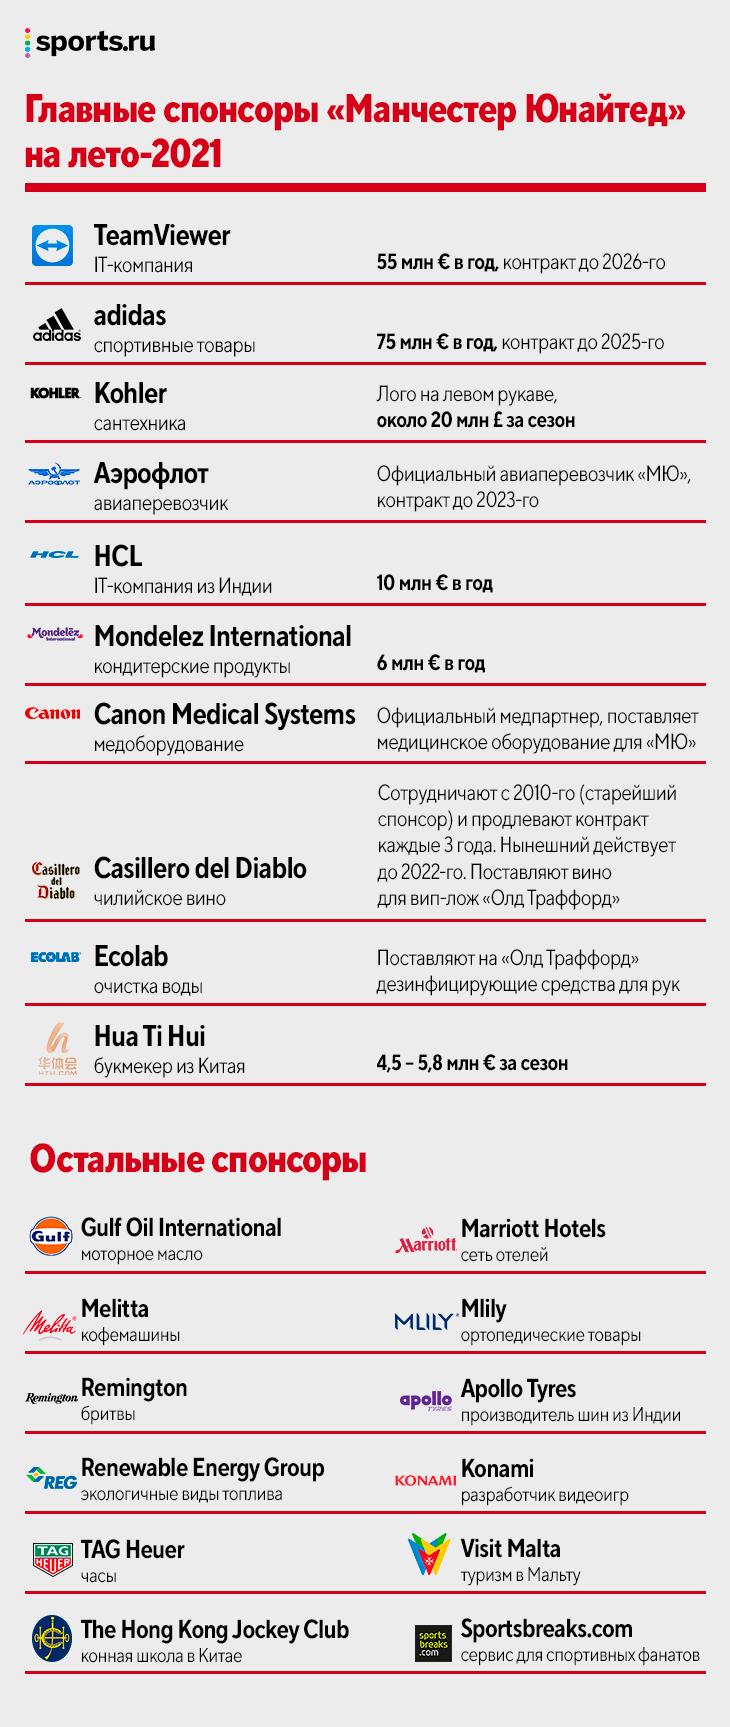 «МЮ» 9 лет не выигрывает АПЛ или ЛЧ, у них долг 0,5 млрд и нет нефтяных денег, но они делают трансферы за 100 млн. Как так?